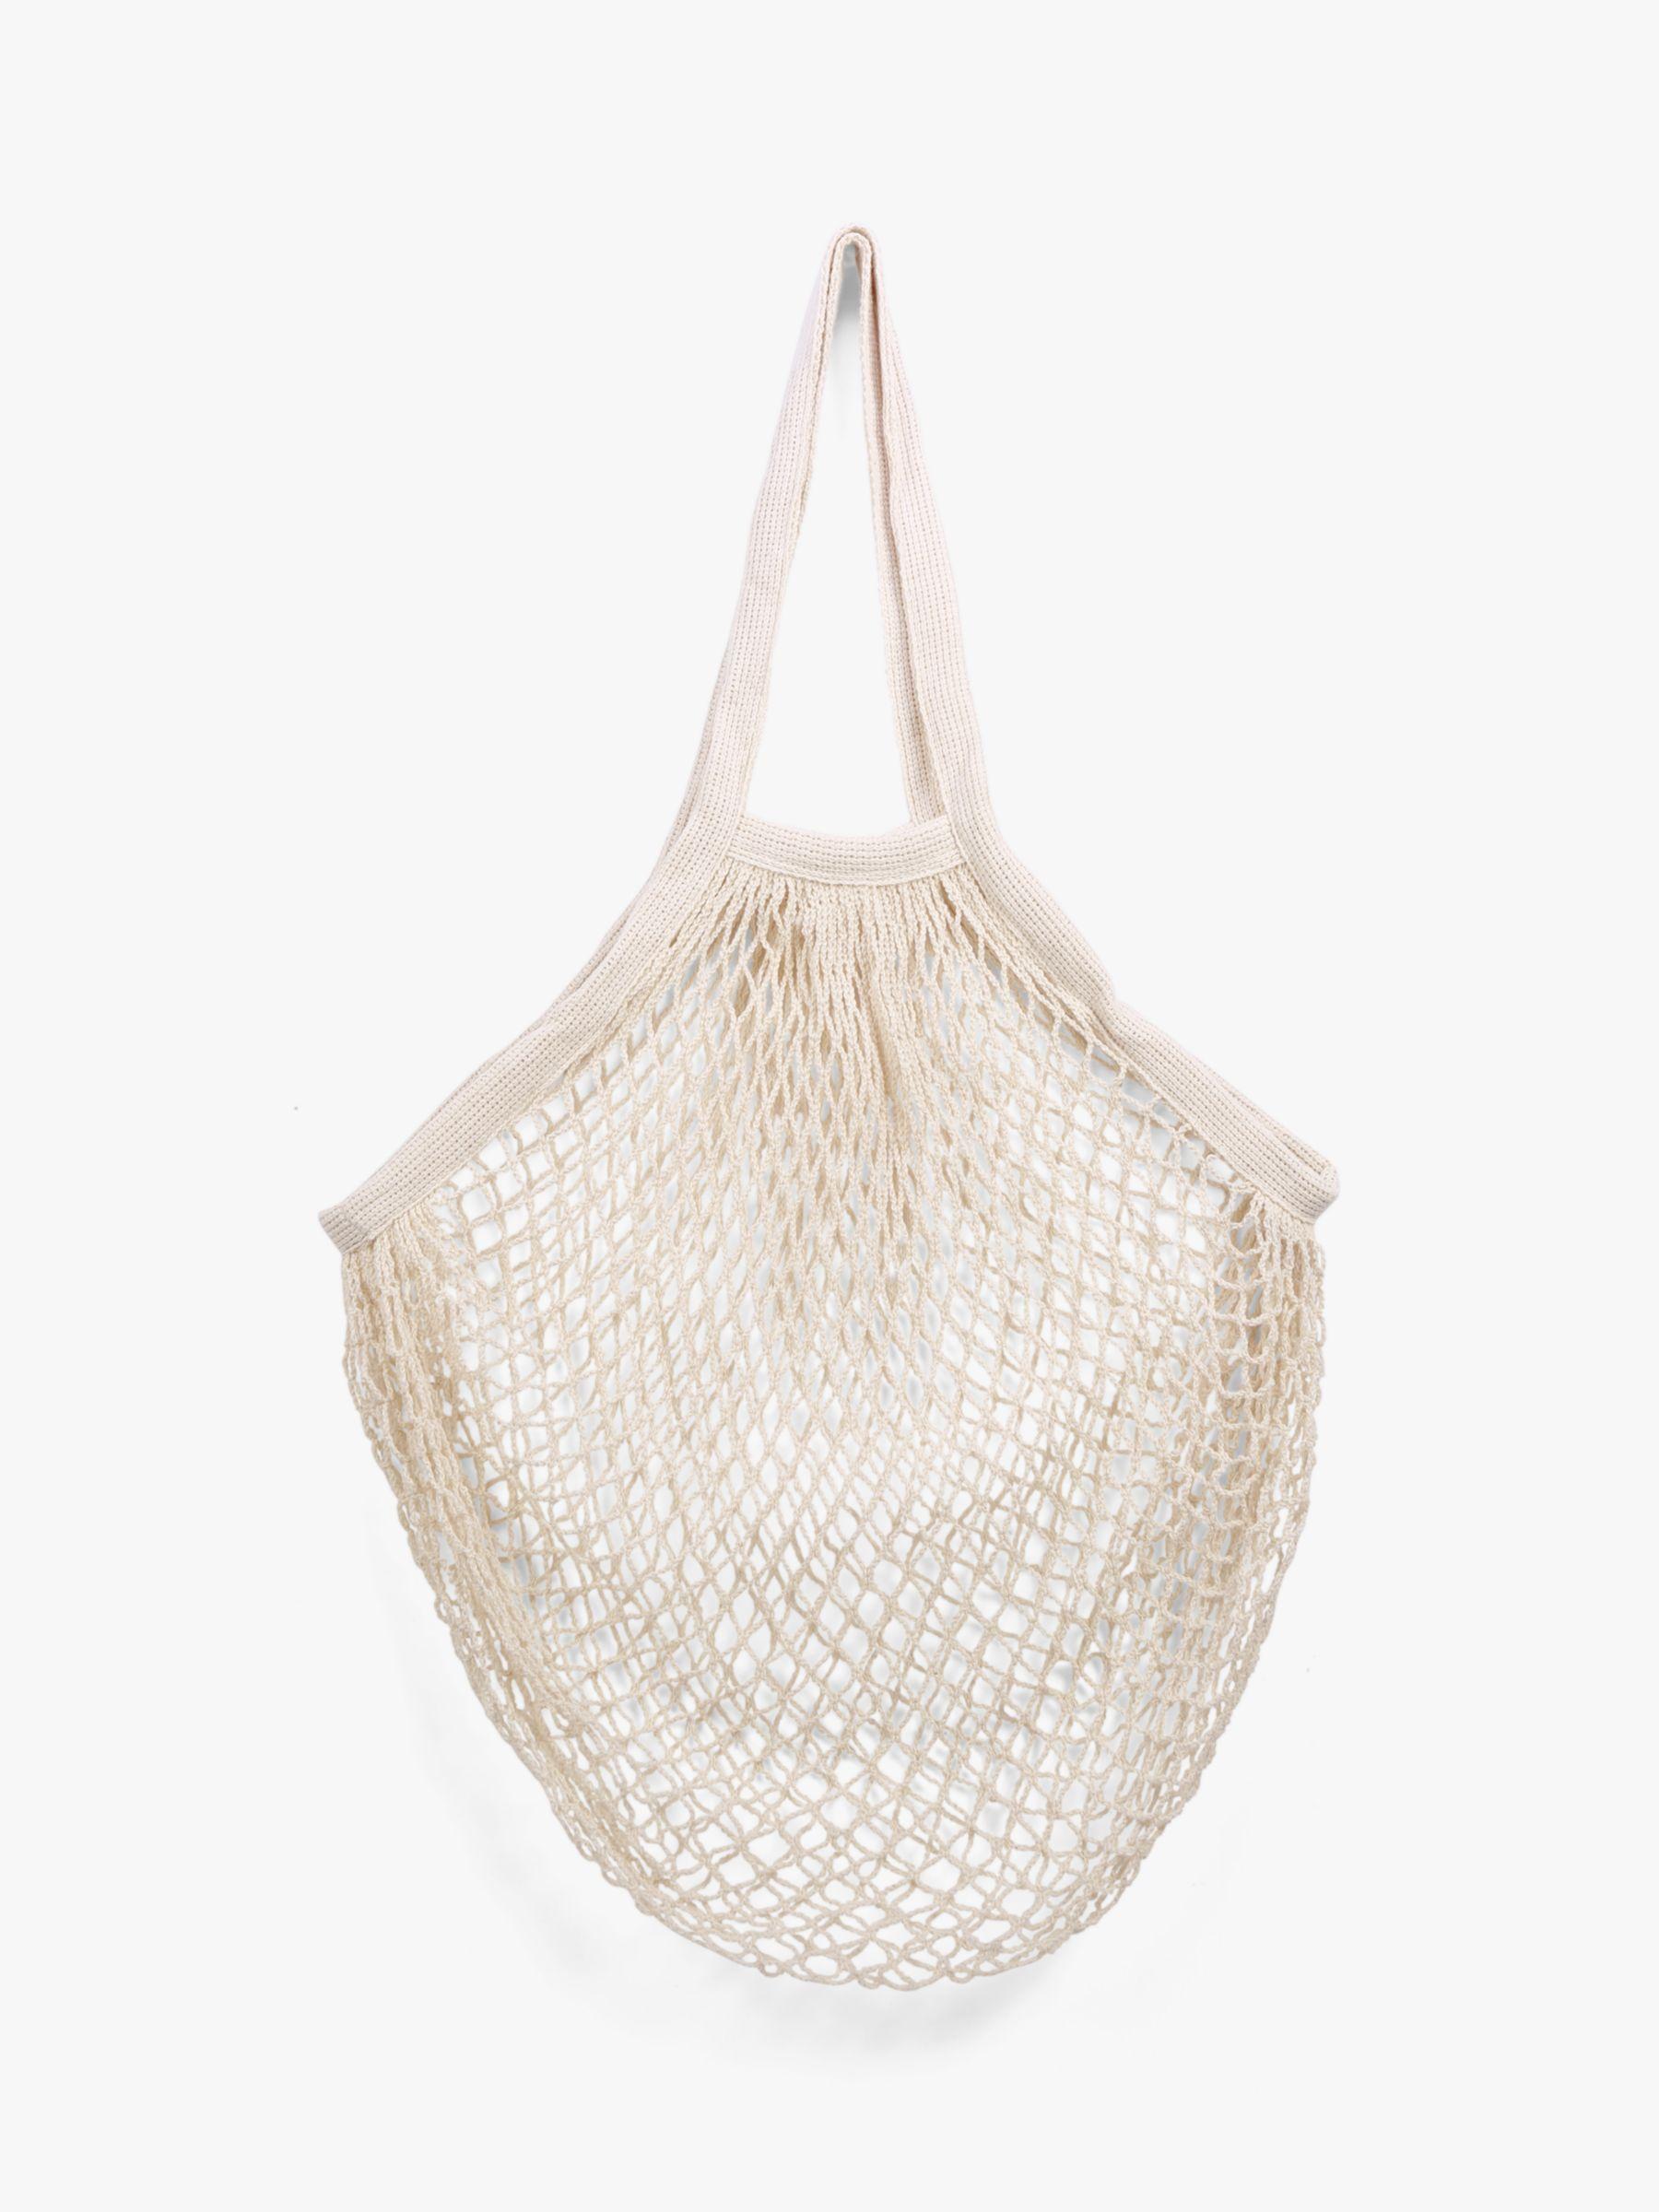 Kikkerland Kikkerland Cotton Reusable Fruit & Vegetable Market Bag, Assorted